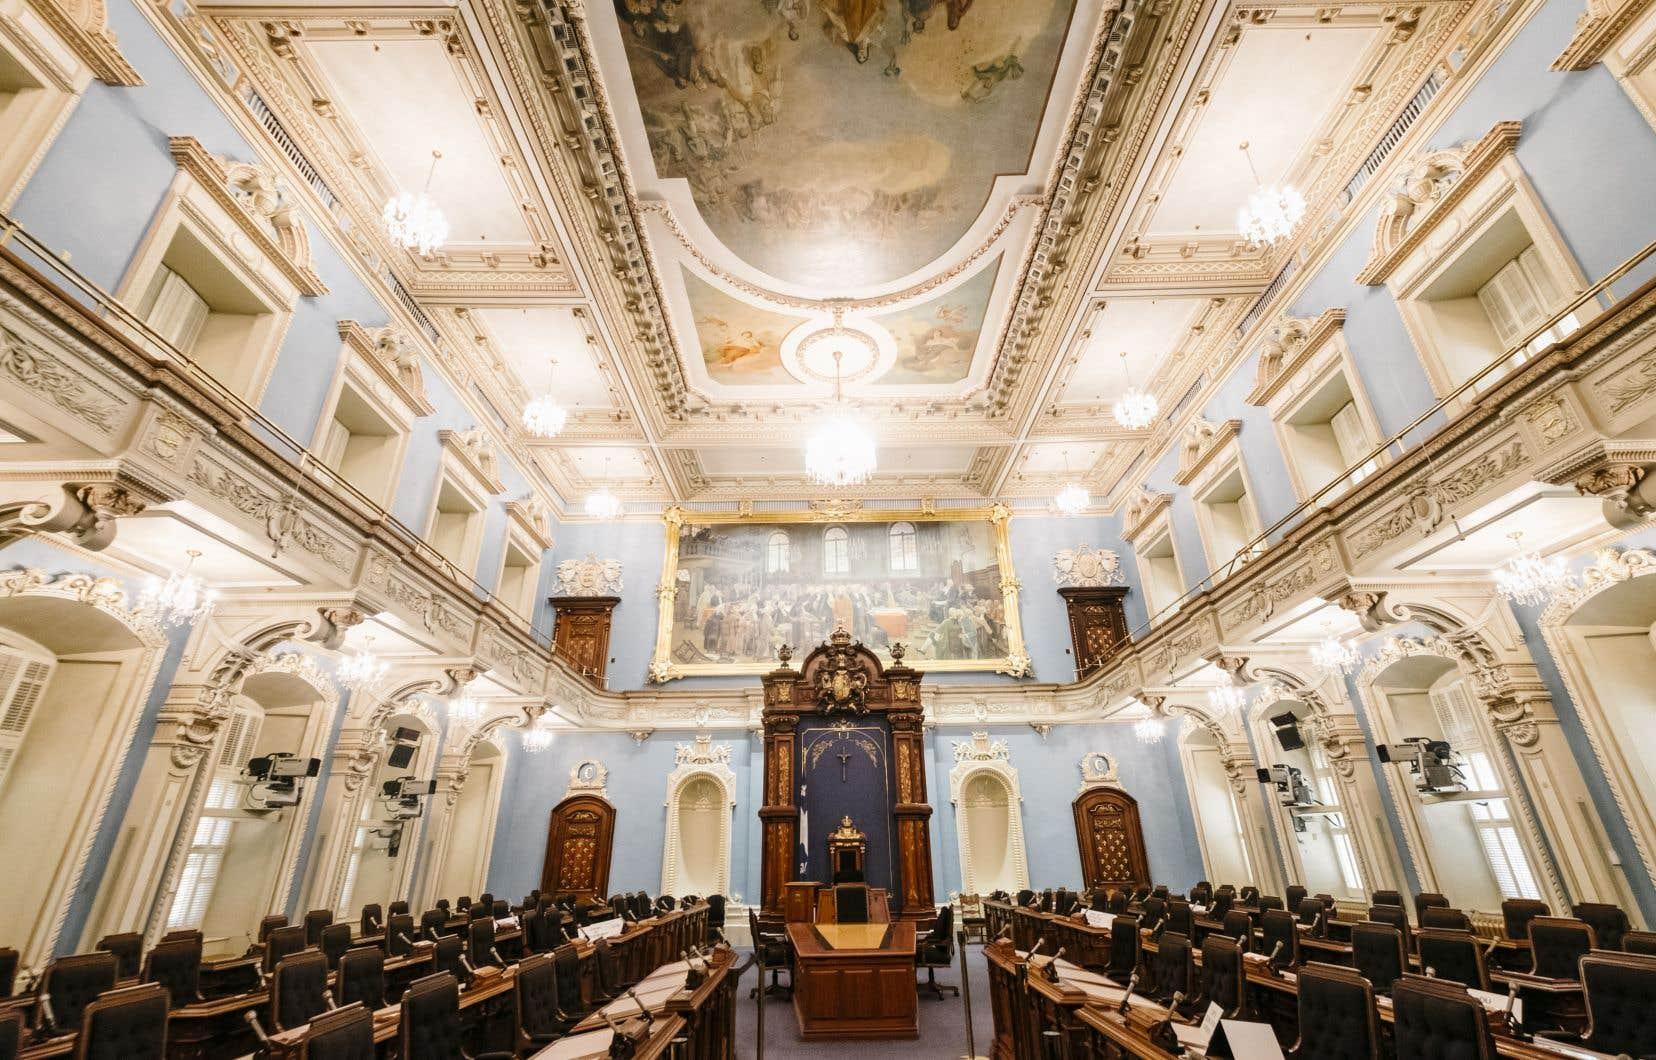 Une entente de principe a été conclue jeudi soir, une semaine avant que ne débute la session parlementaire.